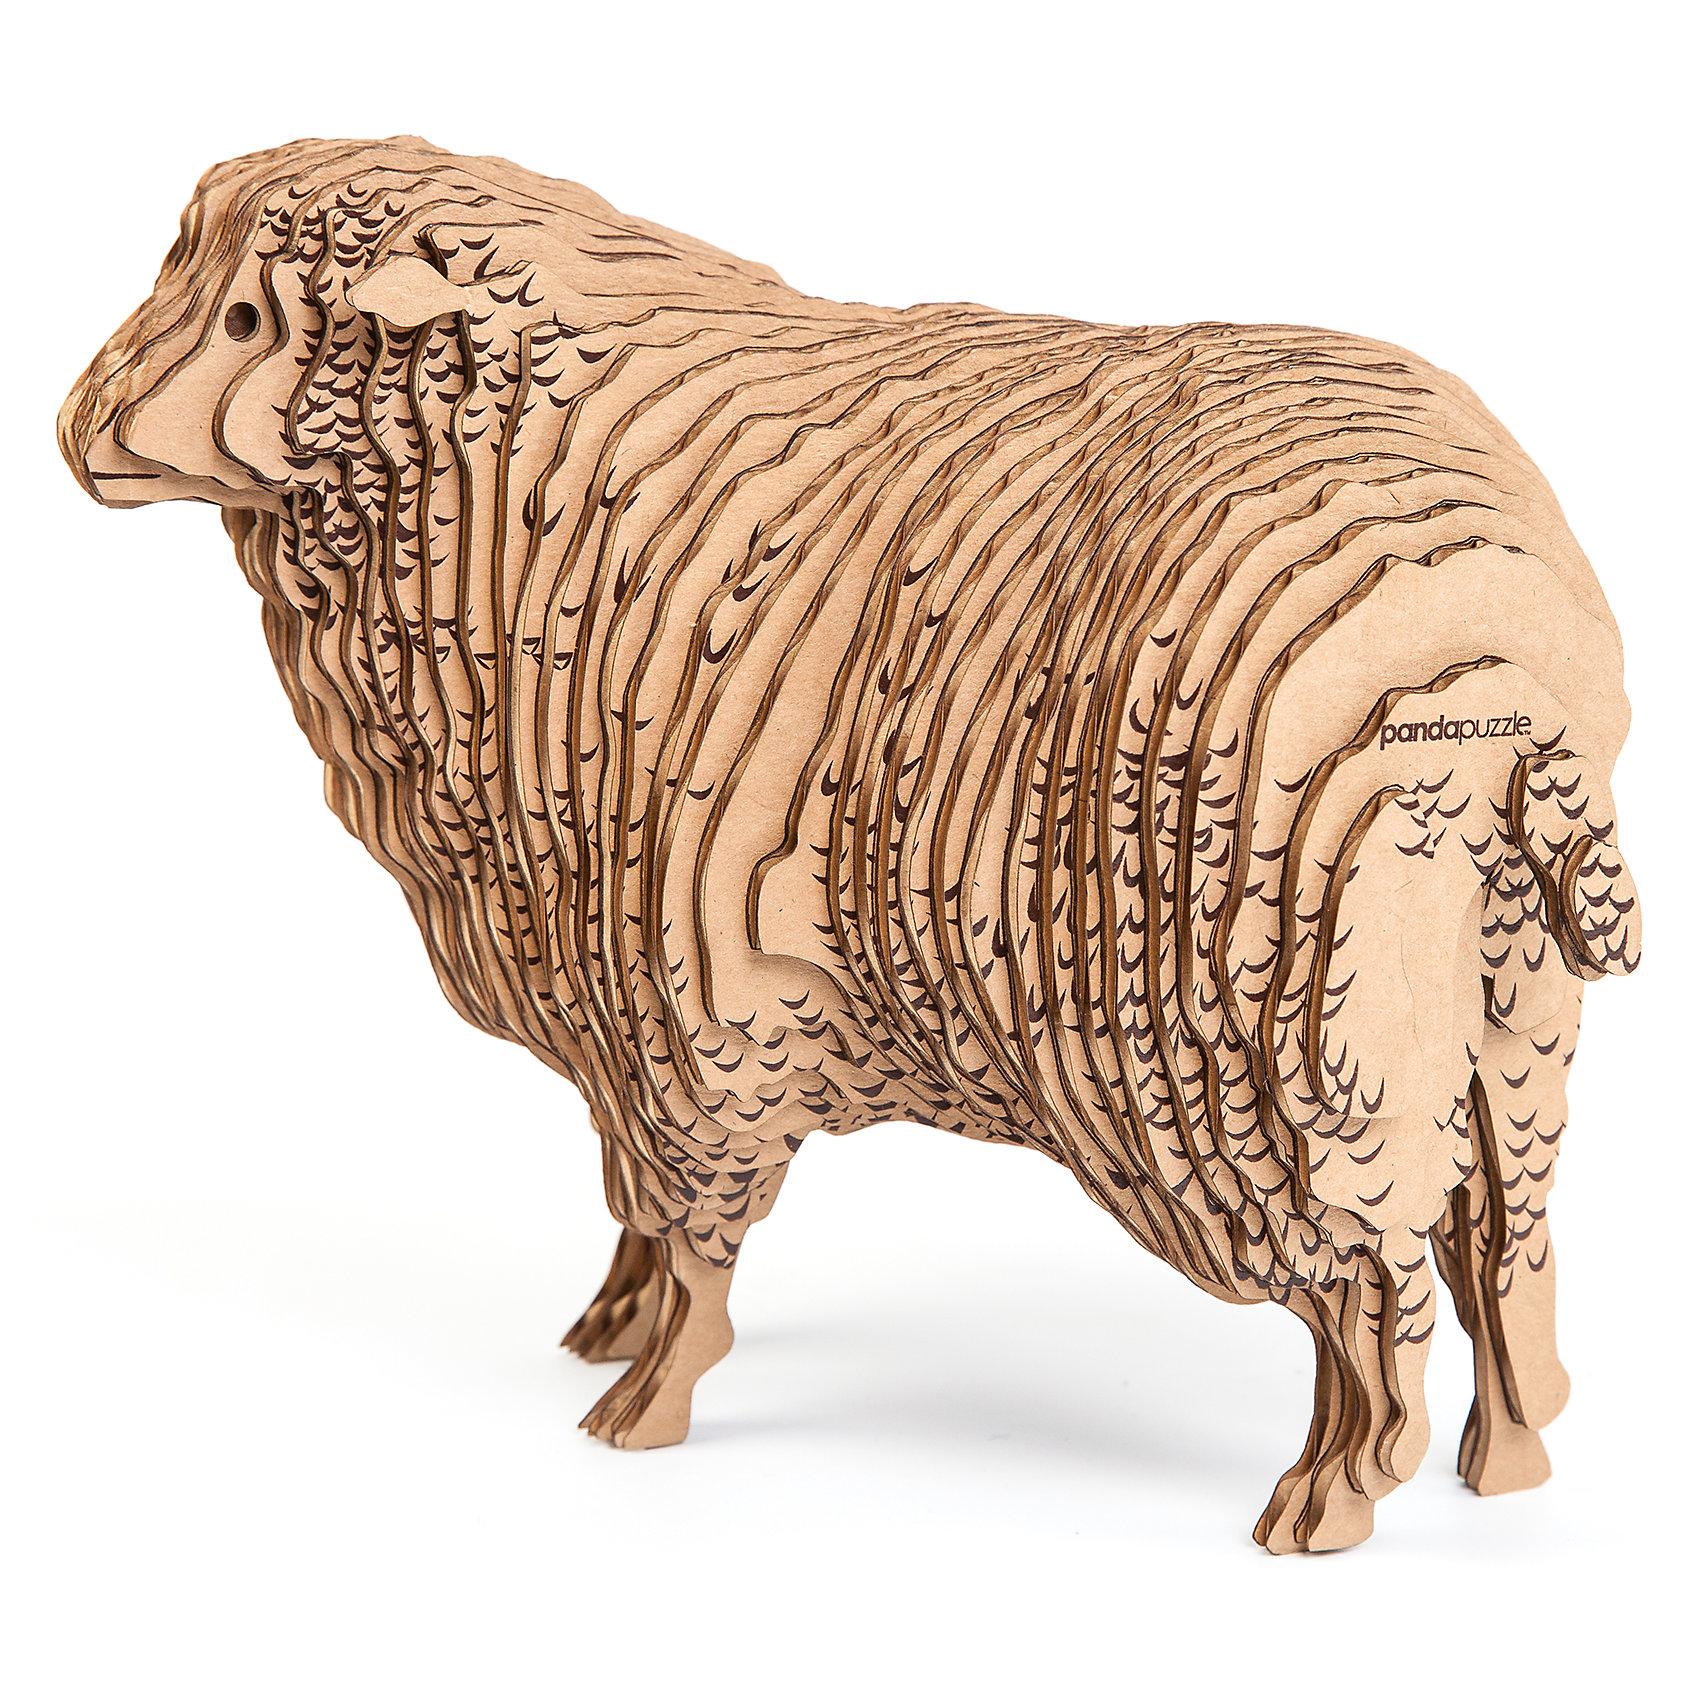 3D-Пазл «Овца», PandaPuzzleДеревянные пазлы<br>3D-Пазл «Овца», PandaPuzzle ? головоломка от отечественного торгового бренда, который специализируется на выпуске трехмерных пазлов разной тематики. Все пазлы от PandaPuzzle выполнены из экологически безопасных материалов, имеют продуманный и реалистичный дизайн моделей. Выполненные из гофрокартона детали пазла отличаются легким весом и высокими физическими качествами: плотностью и жесткостью. Модель собирается в технике объемного квиллинга, что подразумевает склеивание деталей пазла между собой.  Собирая модели в данной технике, у ребенка развивается логическое мышление и мелкая моторика рук, тренируется зрительная память и внимательность. В каждый набор входит клей для склеивания деталей и инструкция по сбору модели. <br>3D-Пазл «Овца», PandaPuzzle упакован в стилизованную картонную коробку.<br><br>Дополнительная информация:<br><br>- Вид игр: игры-головоломки, сюжетно-ролевые<br>- Предназначение: для дома, для развивающих центров, для центров дополнительного образования<br>- Материал: гофрокартон<br>- Комплектация: 48 деталей, клей, инструкция<br>- Размер (Д*Ш*В): 43,5*6,7*26,5 см<br>- Вес: 580 г <br>- Пол: для мальчика/для девочки<br>- Особенности ухода: разрешается сухая чистка собранной модели<br><br>Подробнее:<br><br>• Для детей в возрасте: от 5 лет и до 16 лет<br>• Страна производитель: Россия<br>• Торговый бренд: PandaPuzzle<br><br>3D-Пазл «Овца», PandaPuzzle можно купить в нашем интернет-магазине.<br><br>Ширина мм: 435<br>Глубина мм: 67<br>Высота мм: 265<br>Вес г: 580<br>Возраст от месяцев: 60<br>Возраст до месяцев: 192<br>Пол: Унисекс<br>Возраст: Детский<br>SKU: 4932388